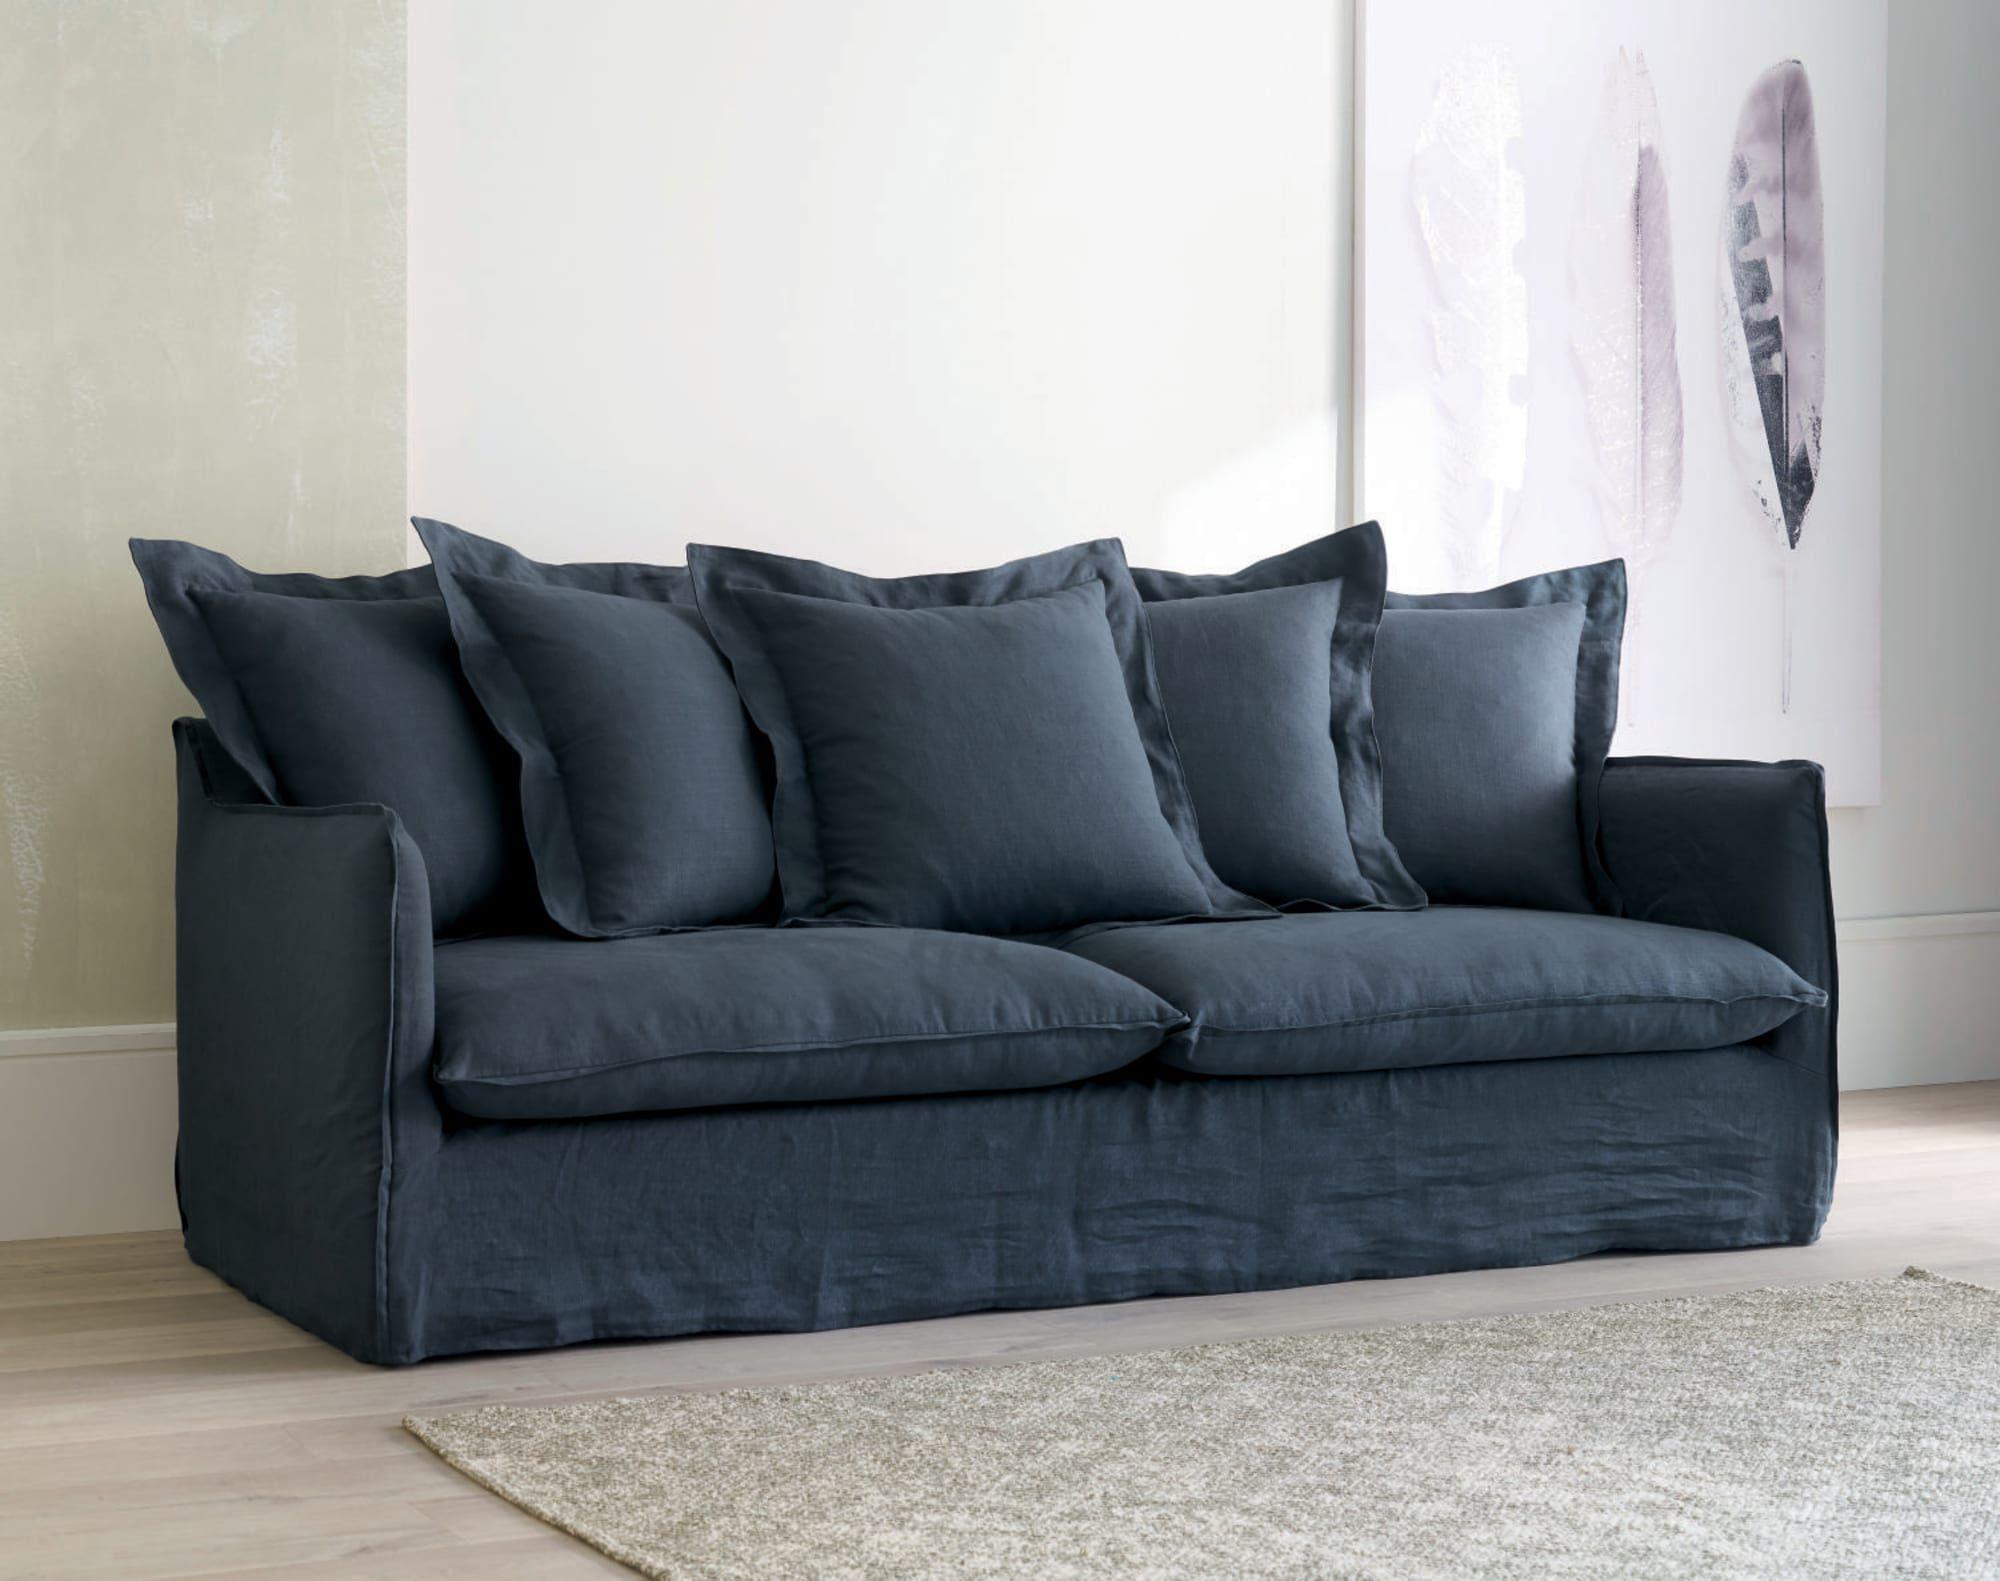 Canapé-lit 3/4 places en lin lavé bleu encre